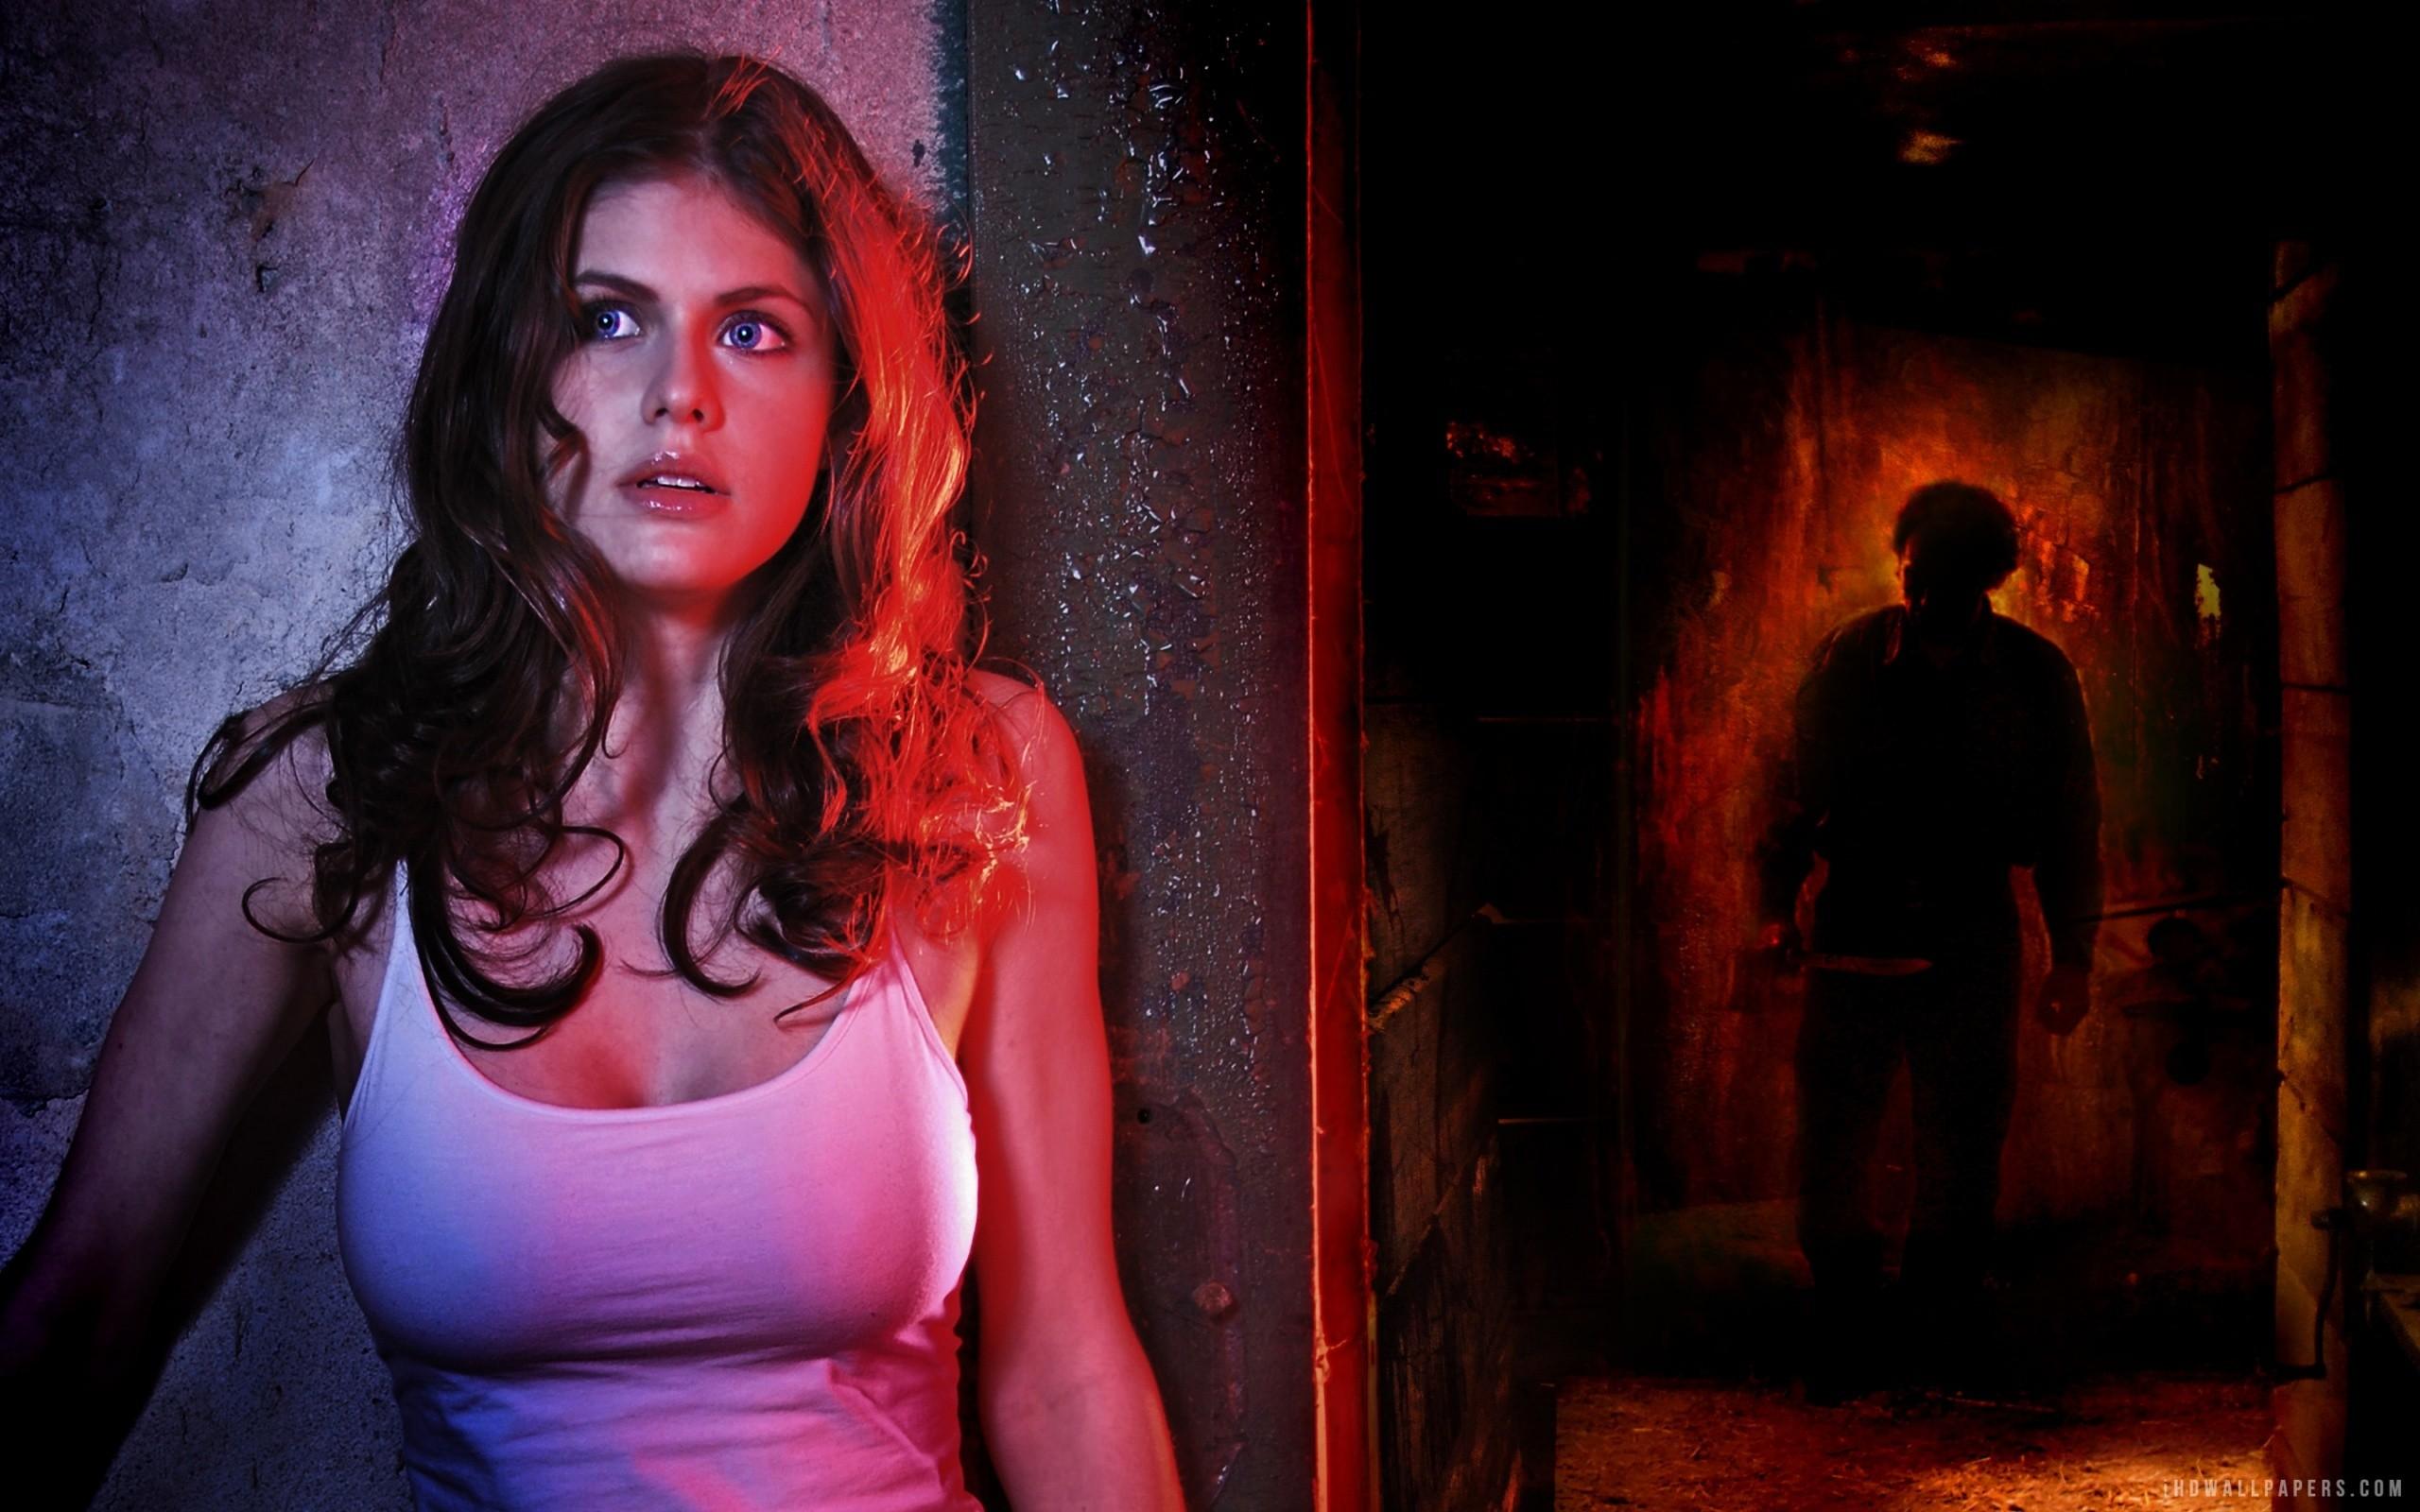 wallpaper : 2560x1600 px, actress, alexandra daddario, brunette